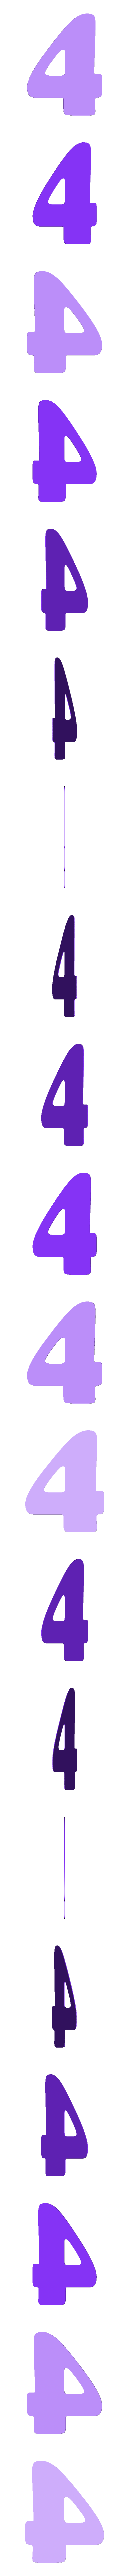 Number 4.stl Télécharger fichier STL Autocollants de bonne fête • Modèle pour impression 3D, abbymath